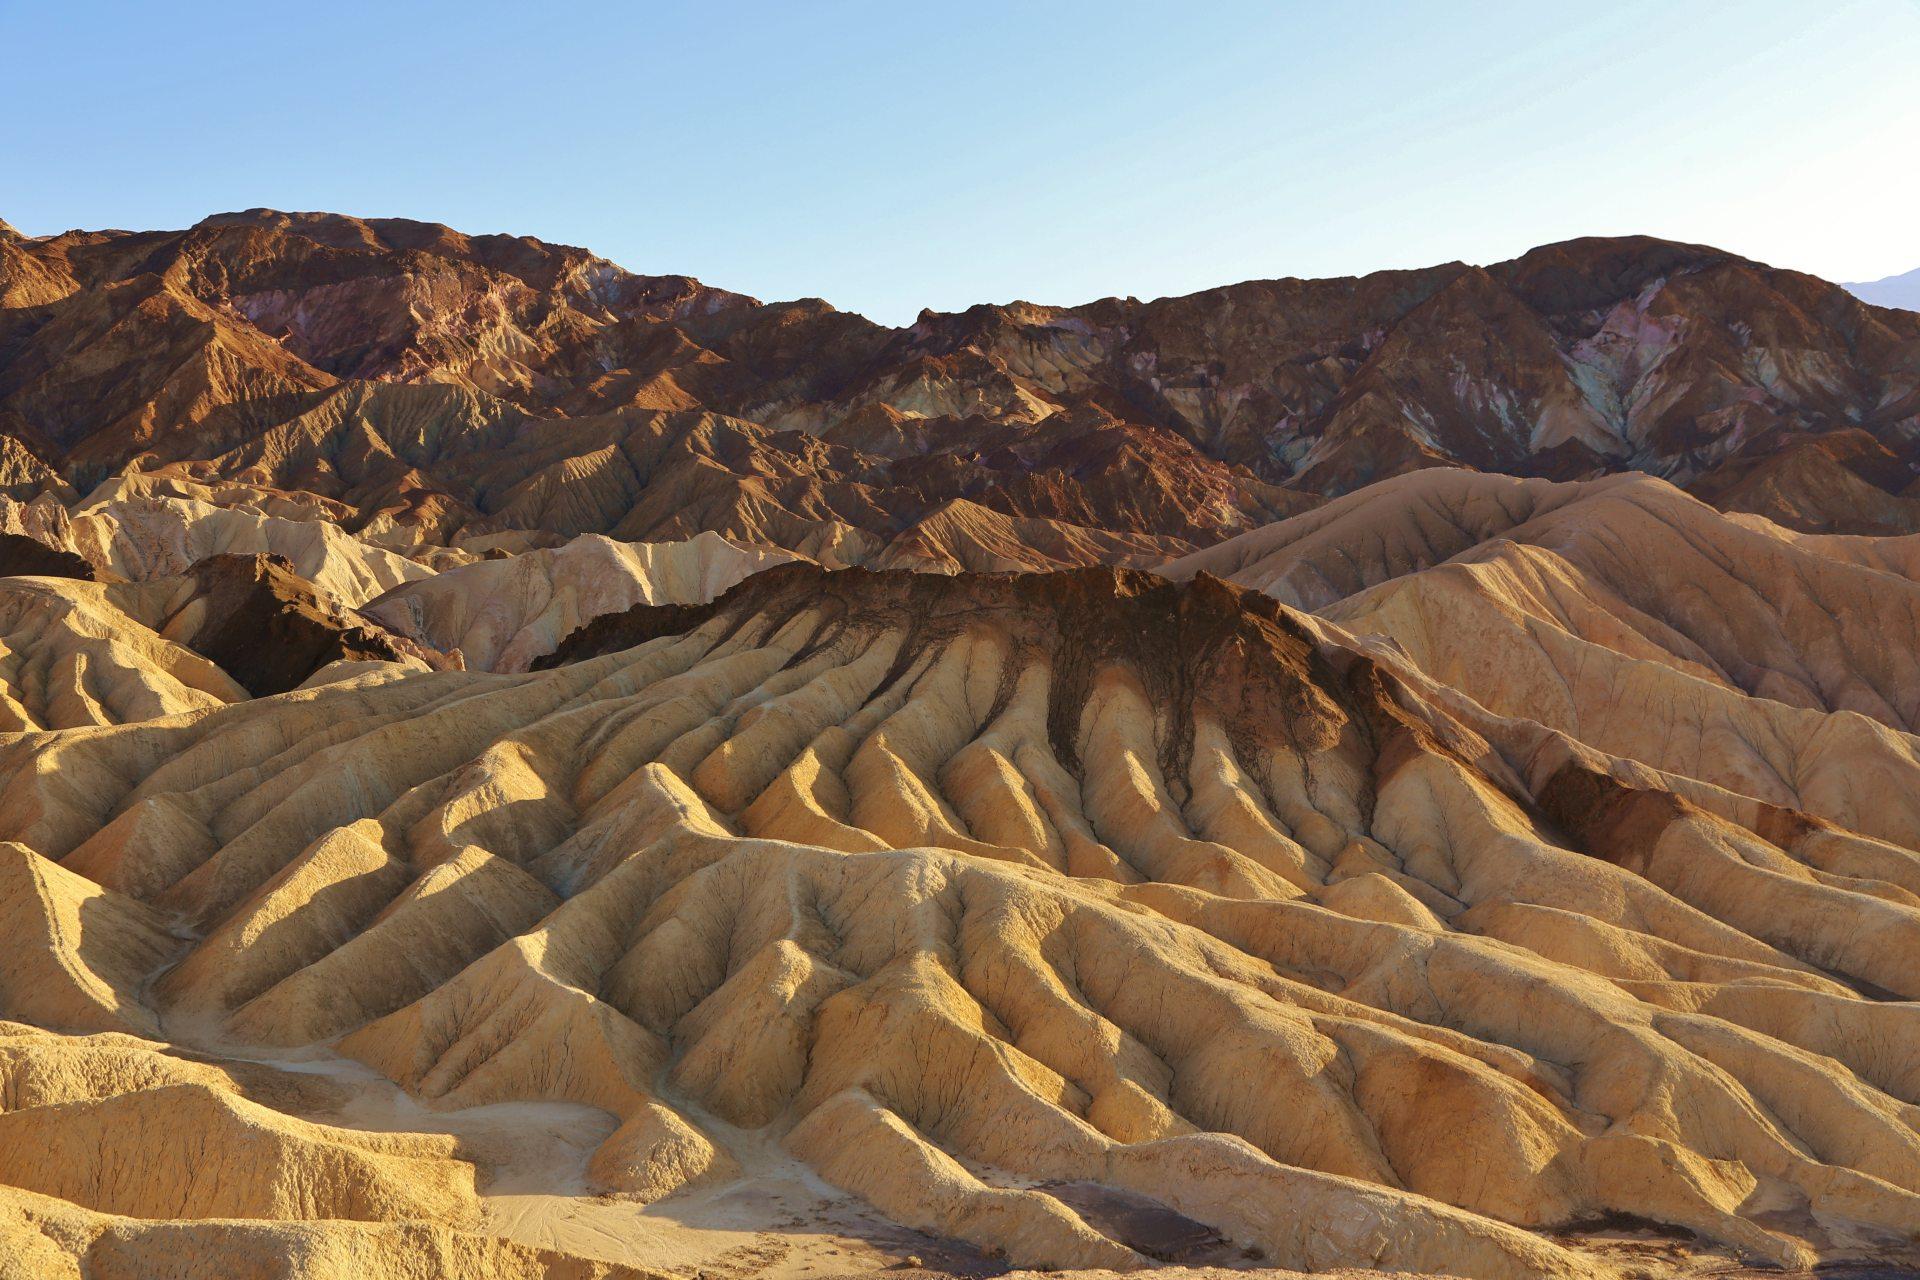 Hier kann man einem Dinosaurier auf die Zehen steigen! - Death Valley National Park, Erosion, Felsen, Gebirgszug, Gestein, Himmel, Kalifornien, Landschaft, malerisch, Mojave-Wüste, Sandstein, traumhaft, Wüste, Zabriskie Point - (Furnace Creek, Death Valley, California, Vereinigte Staaten)